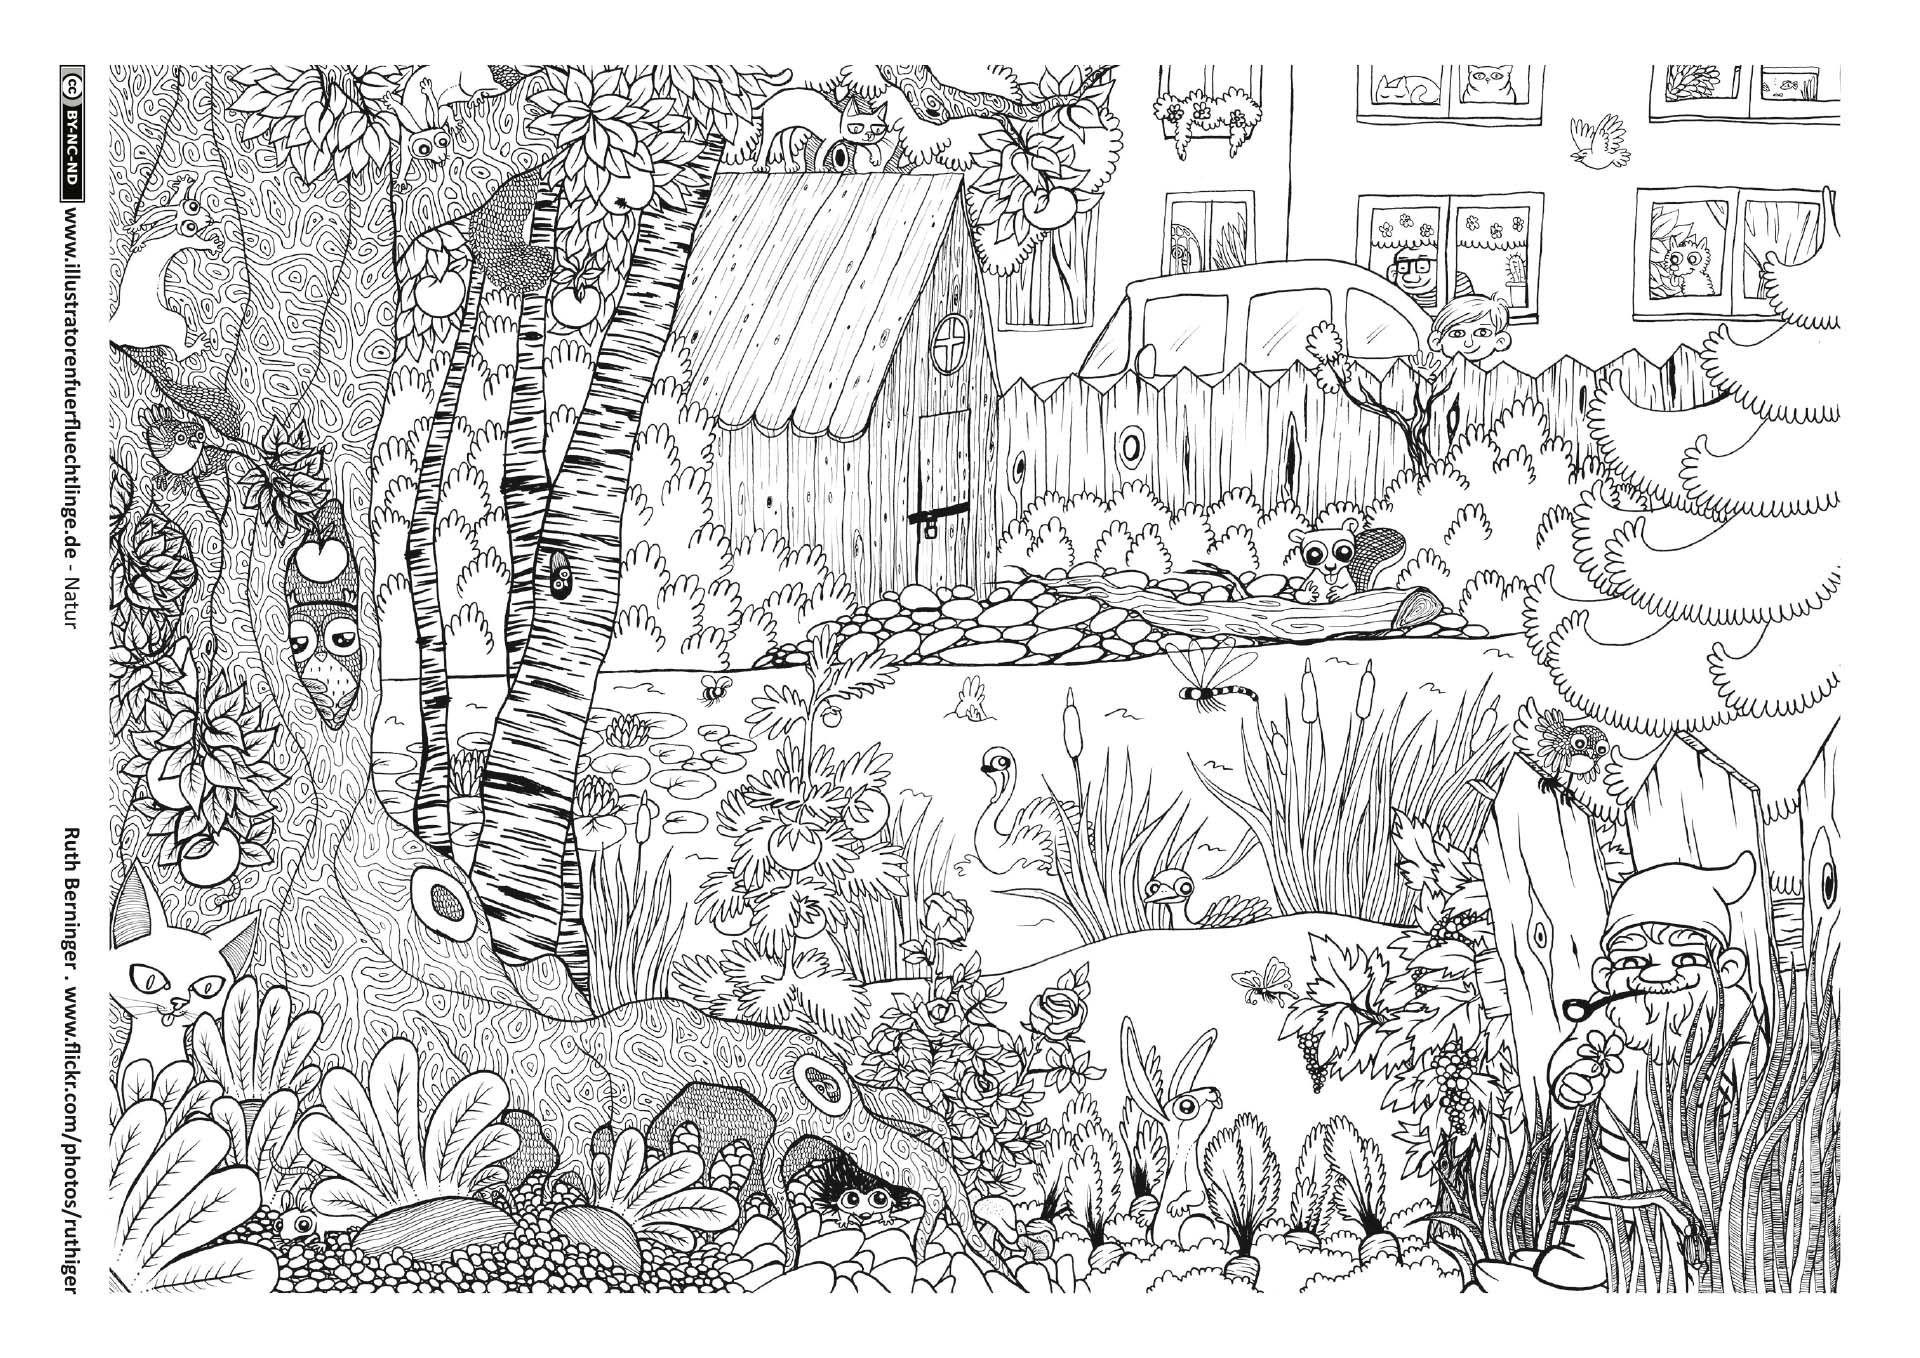 Ausmalbilder 4 Jahreszeiten Frisch Garten Tiere Wimmelbild … Dot to Dots Fotos